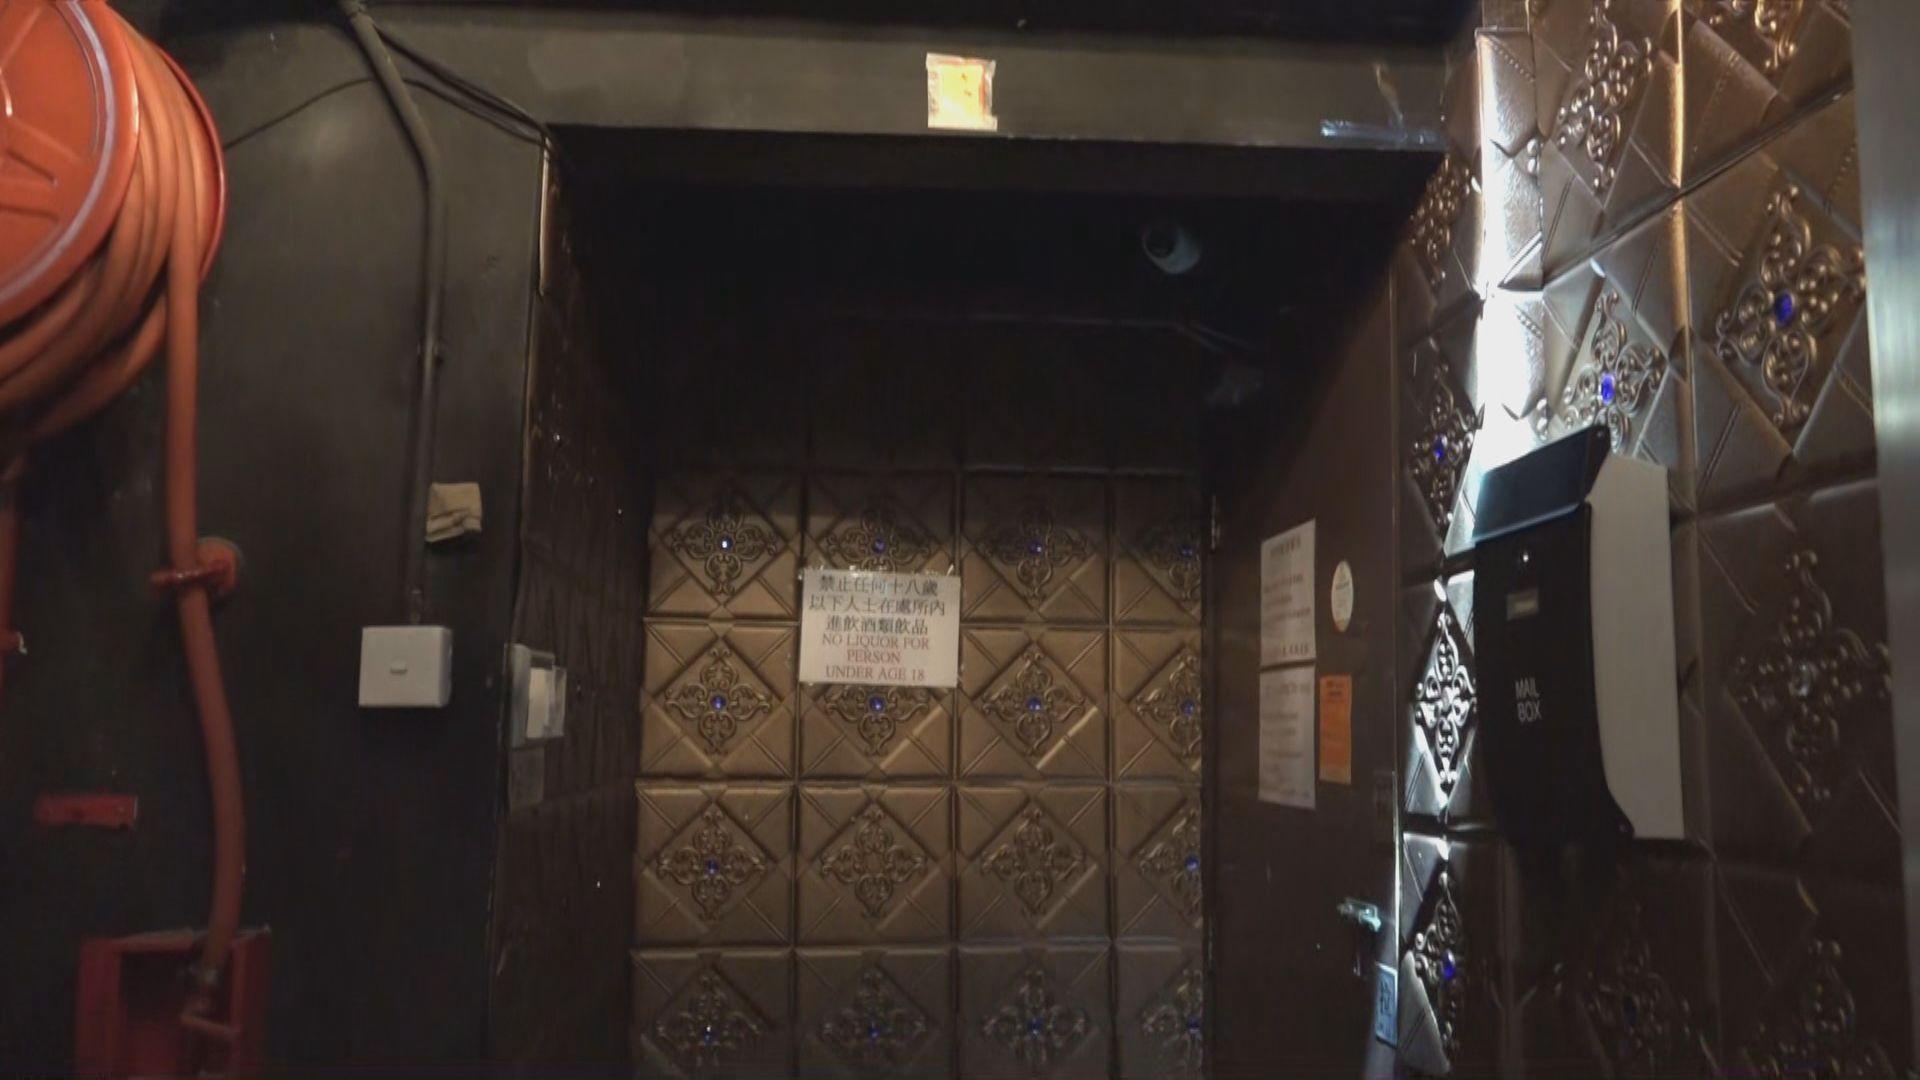 消息:確診IVE男生與泰國女子同日到過尖沙咀一酒吧